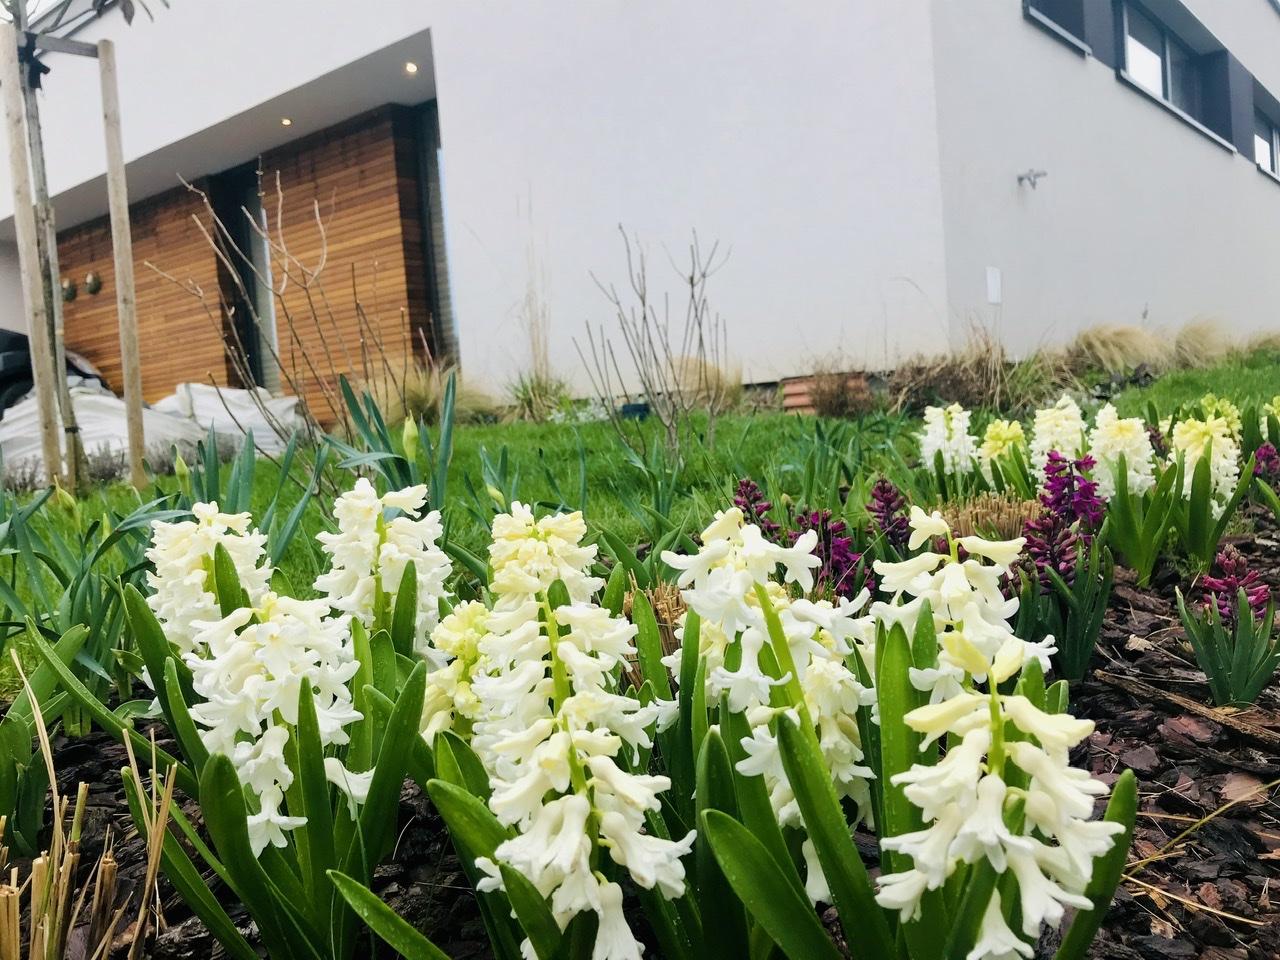 Naše L-ko - 2021 - stále dokončujeme - 5 metrový záhon cibulovin. Kvitnú biele a cyklamenové hyacinty. Zanedlho sa pripoja narcisy a tulipány. Záhon je miestom ostrihanej ozdobince čínskej ktoru teraz dočasne kvety vystriedajú